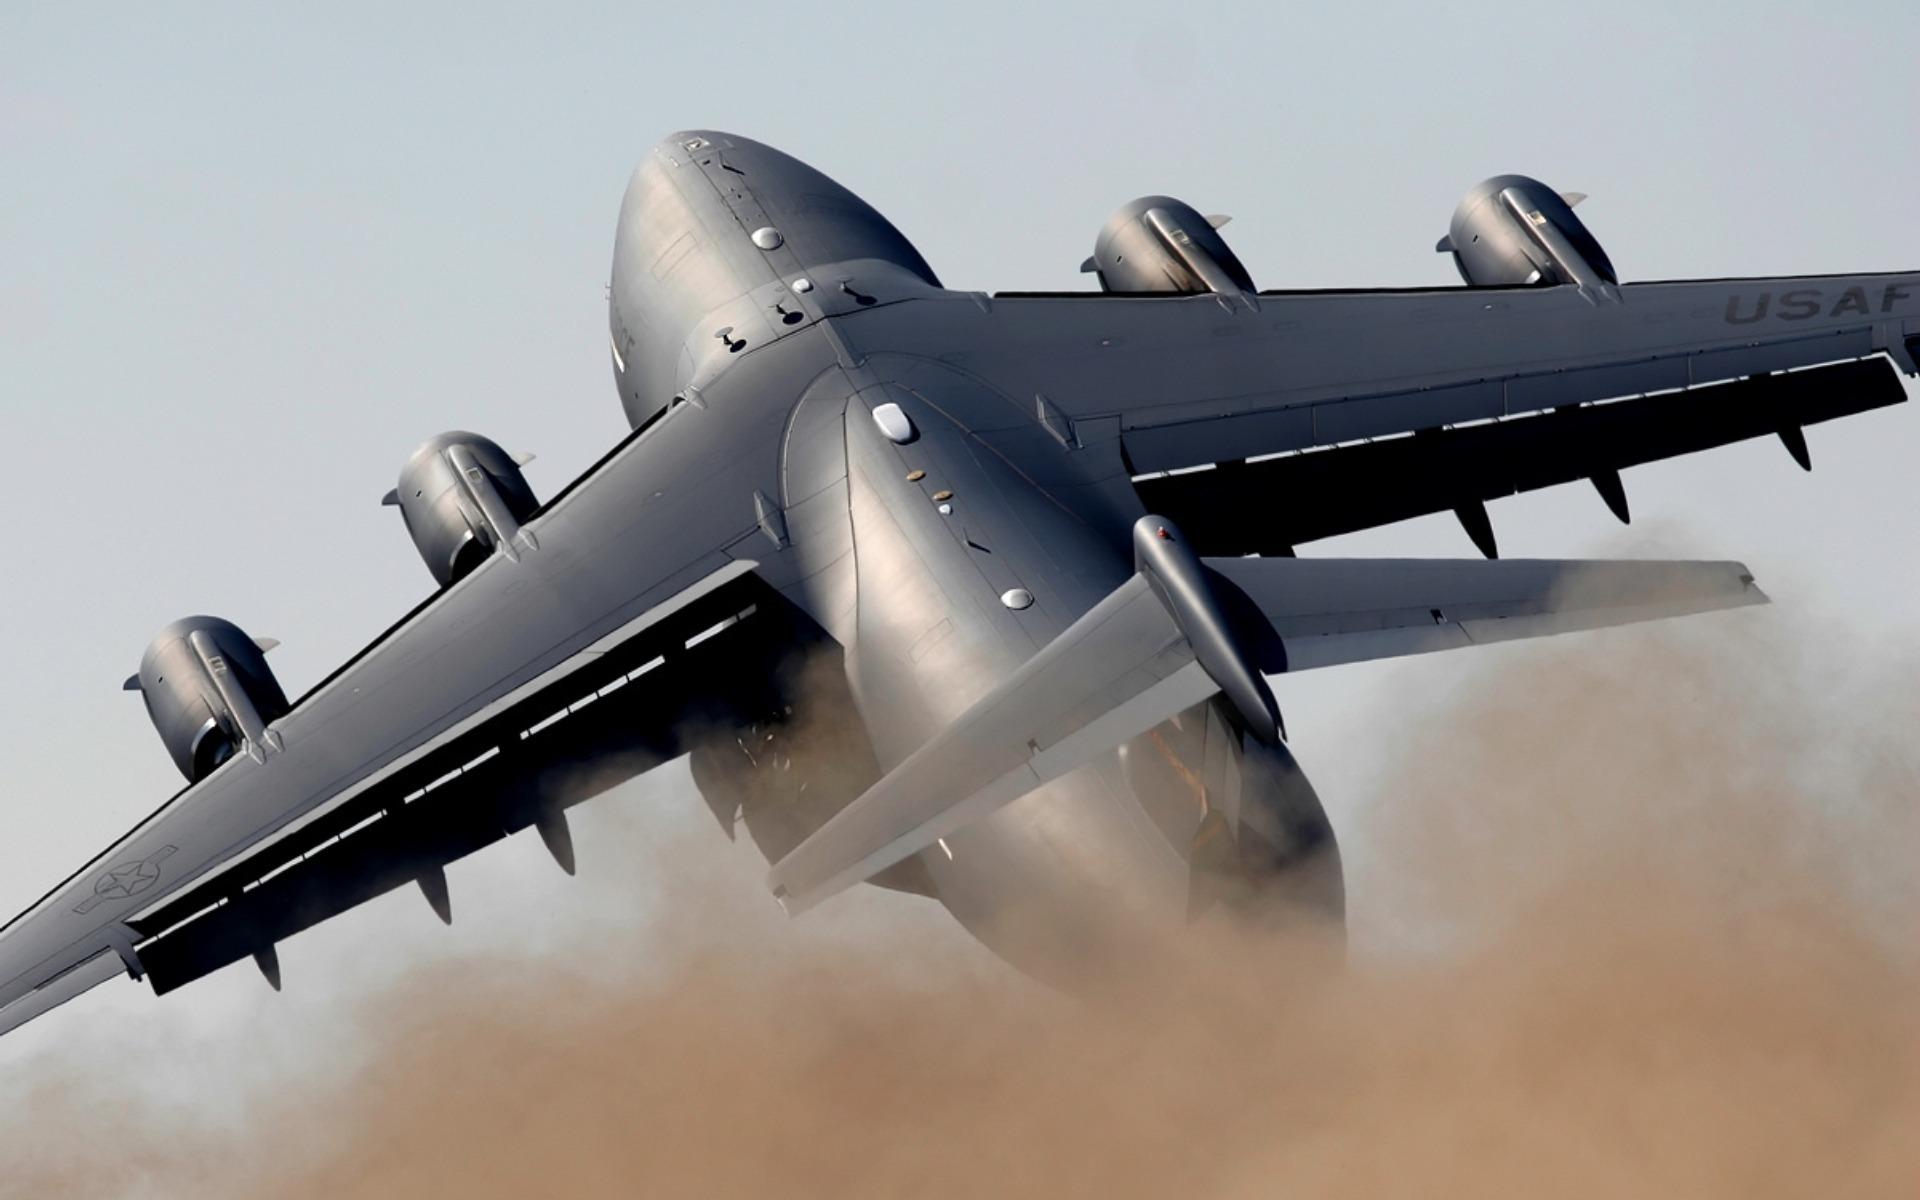 Самолет, большой, транспортный, обои на рабочий стол